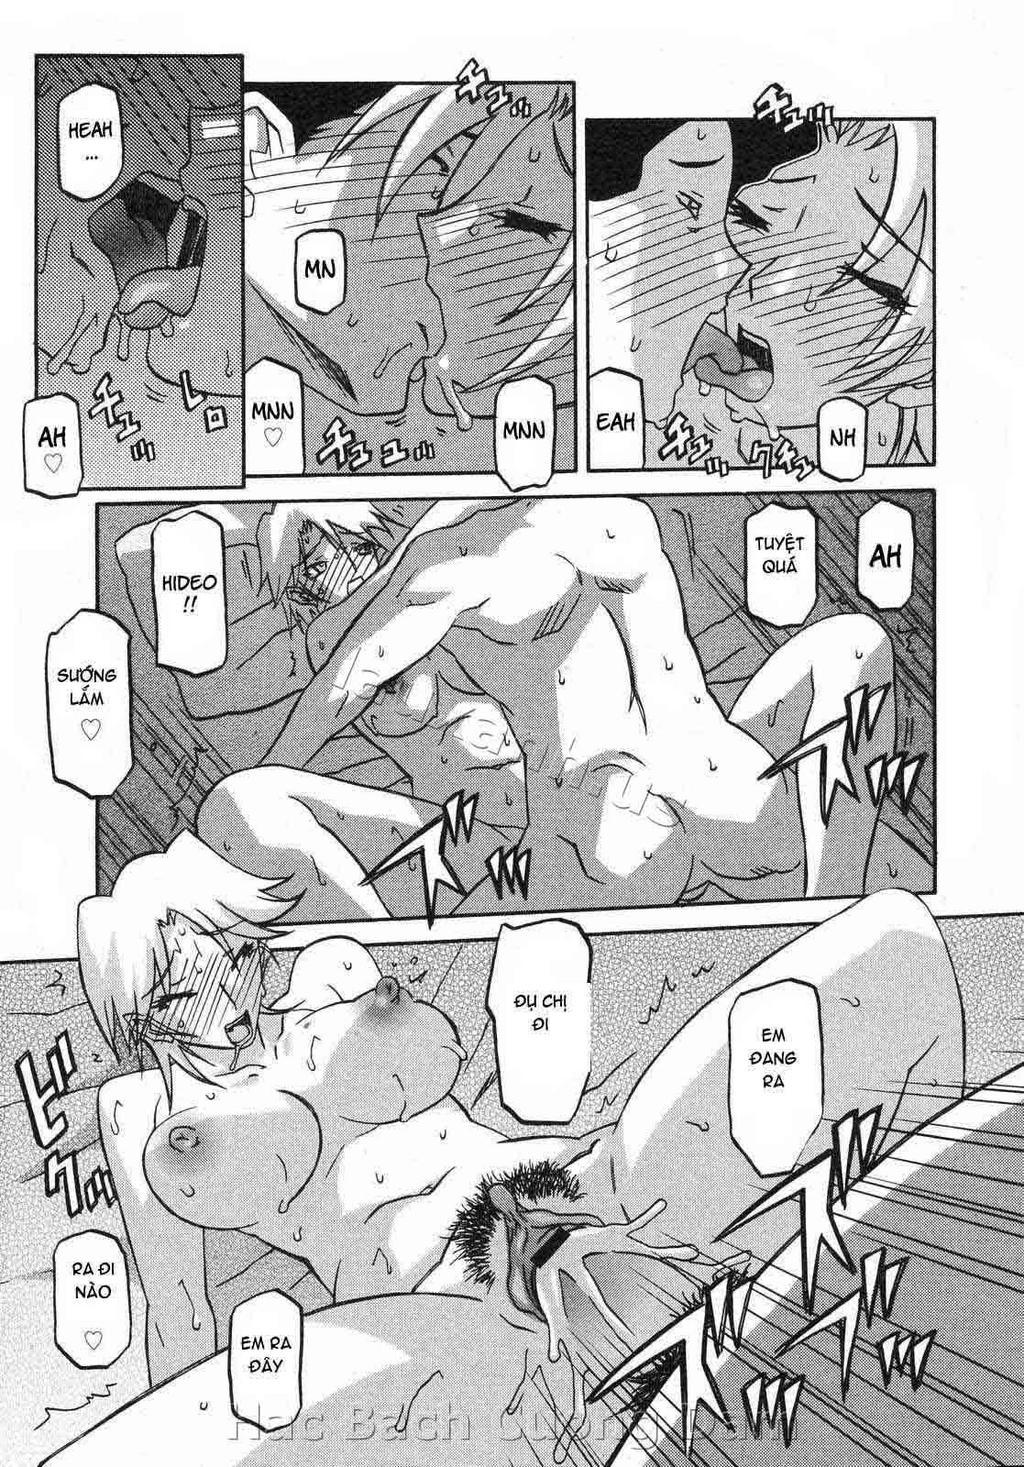 Hình ảnh hentailxers.blogspot.com0020 trong bài viết Manga H Sayuki no Sato